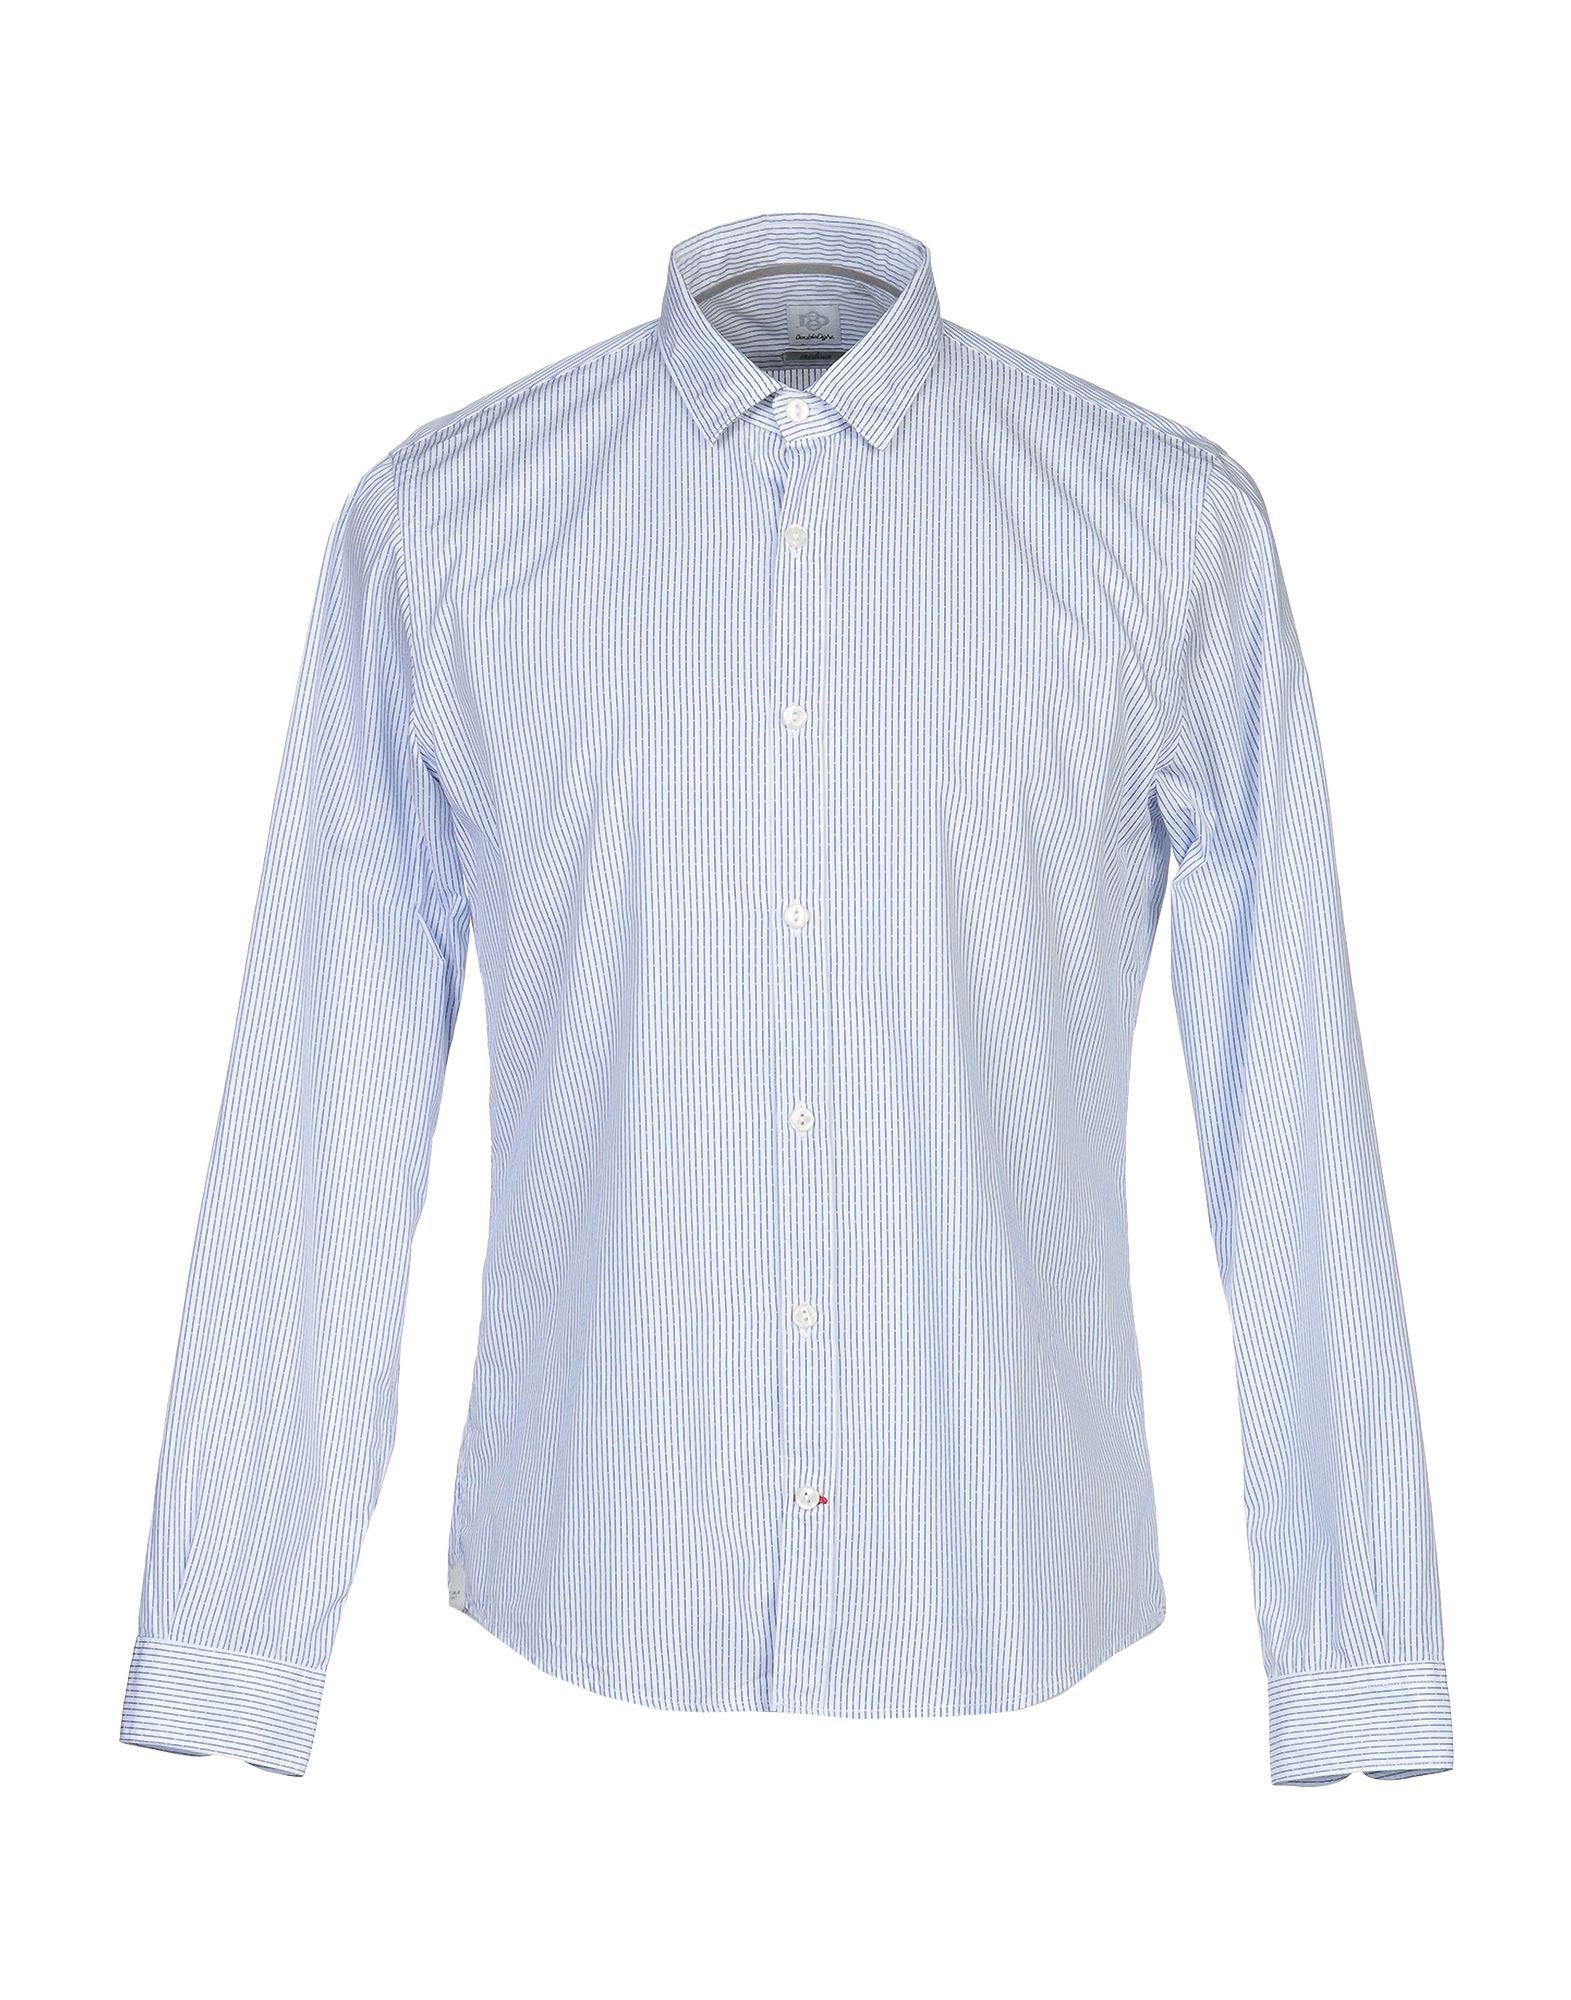 《期間限定セール開催中!》DOUBLE EIGHT メンズ シャツ ブルー M コットン 100%